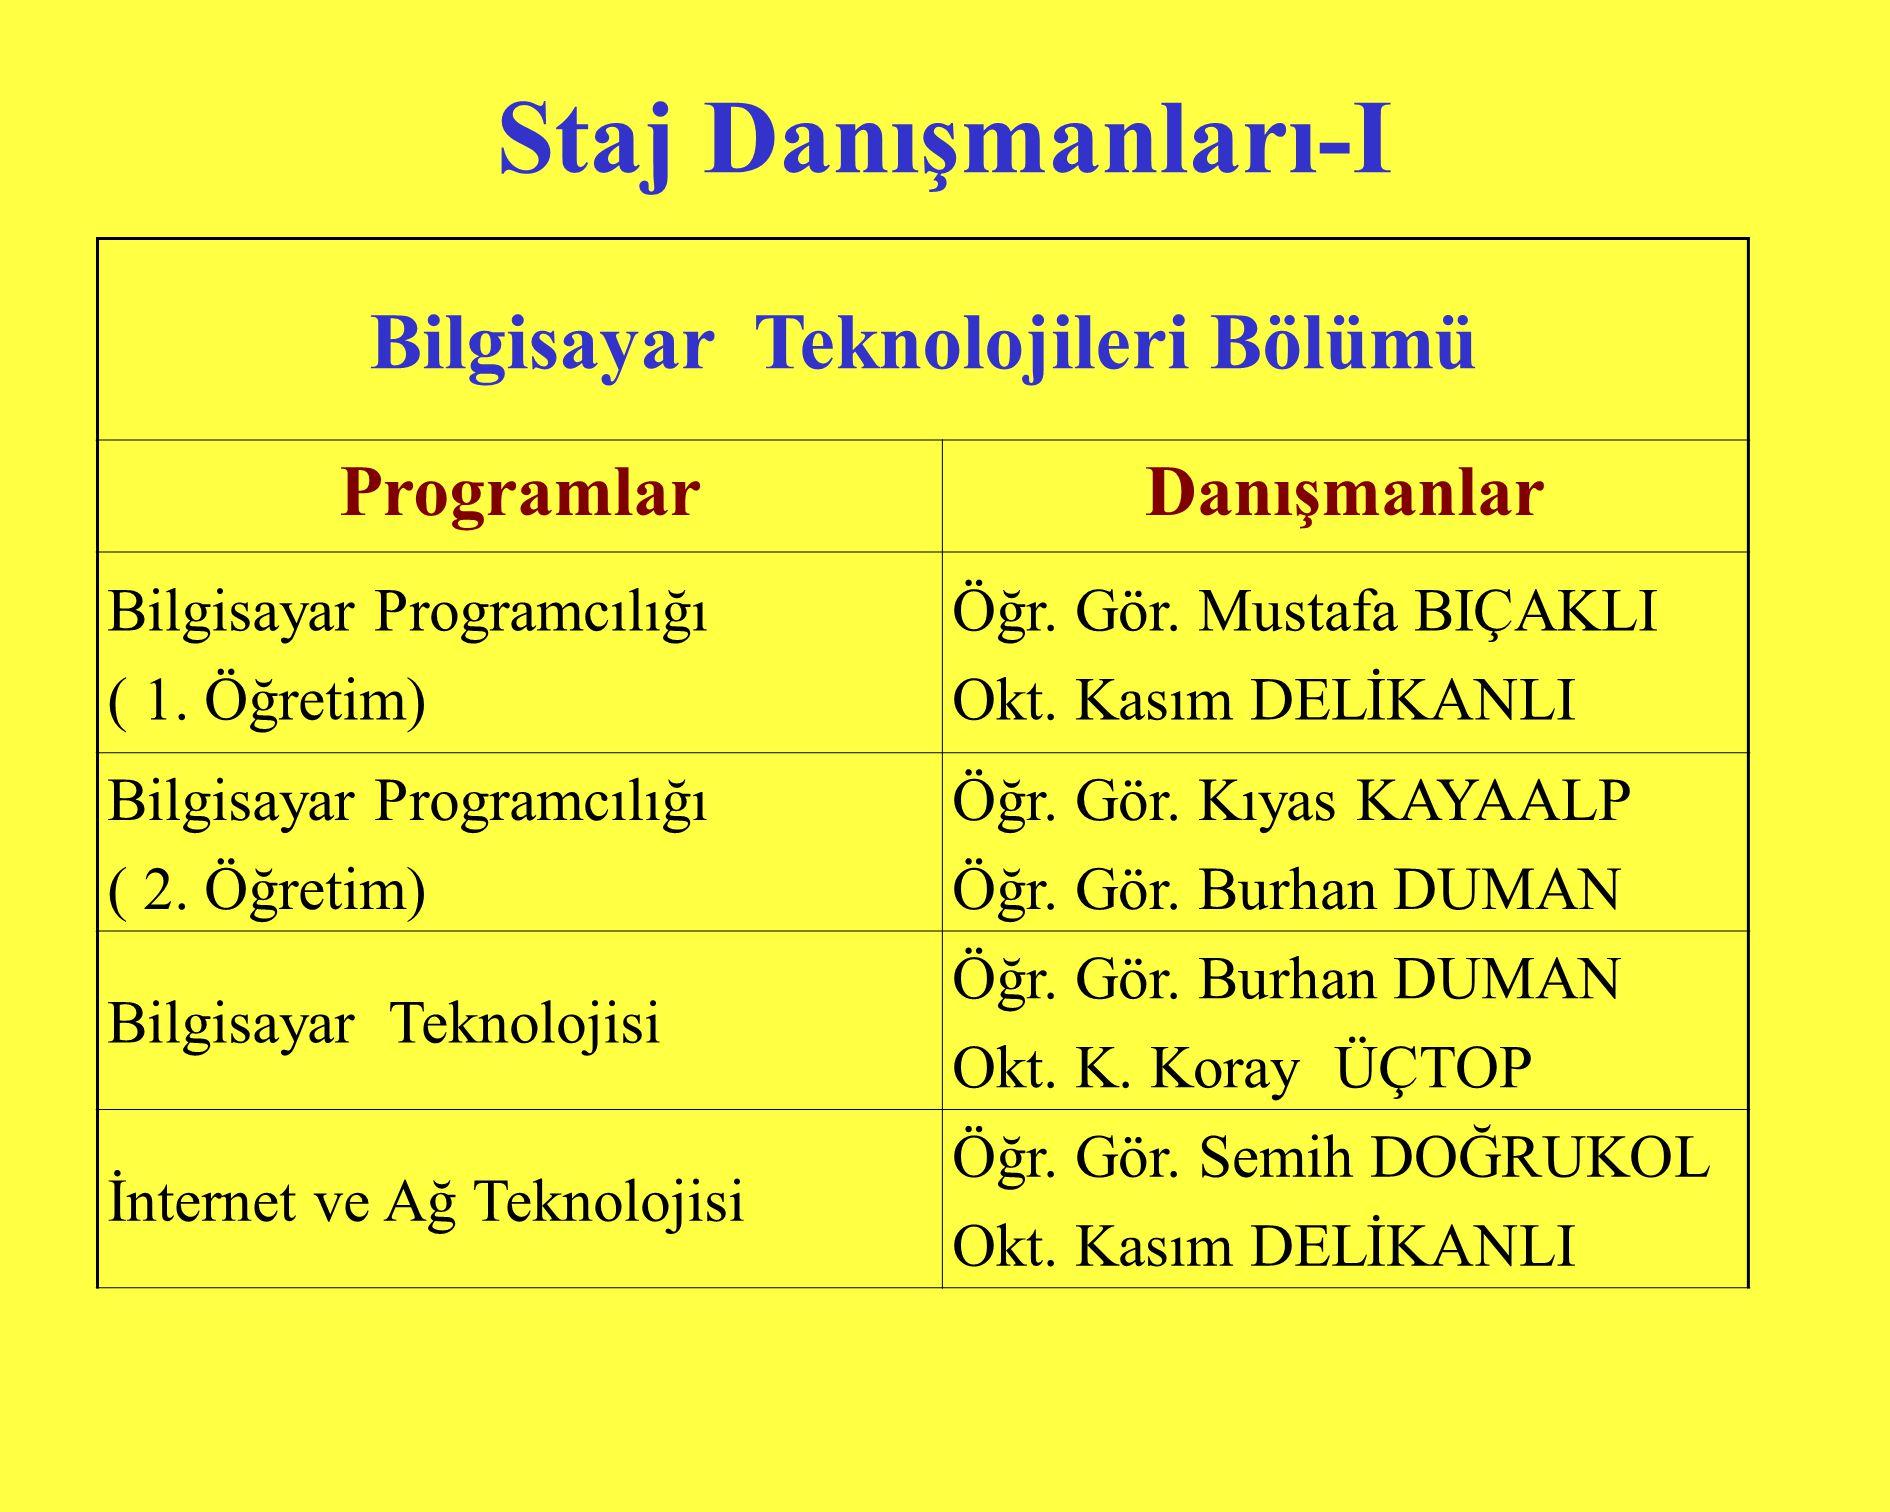 Bilgisayar Teknolojileri Bölümü